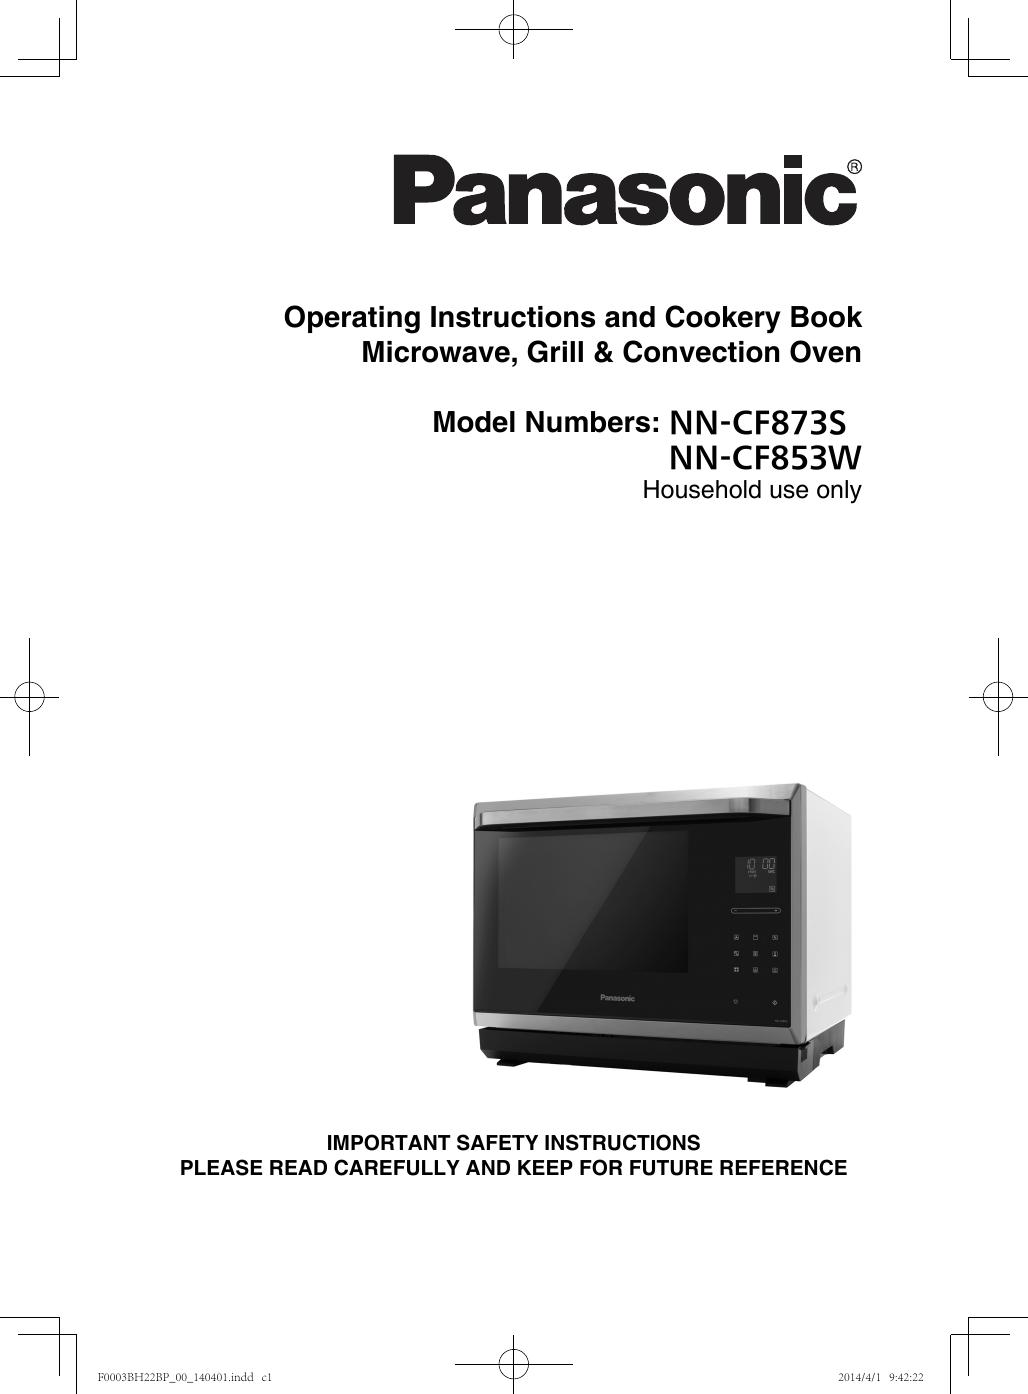 Panasonic Nncf853w Operating